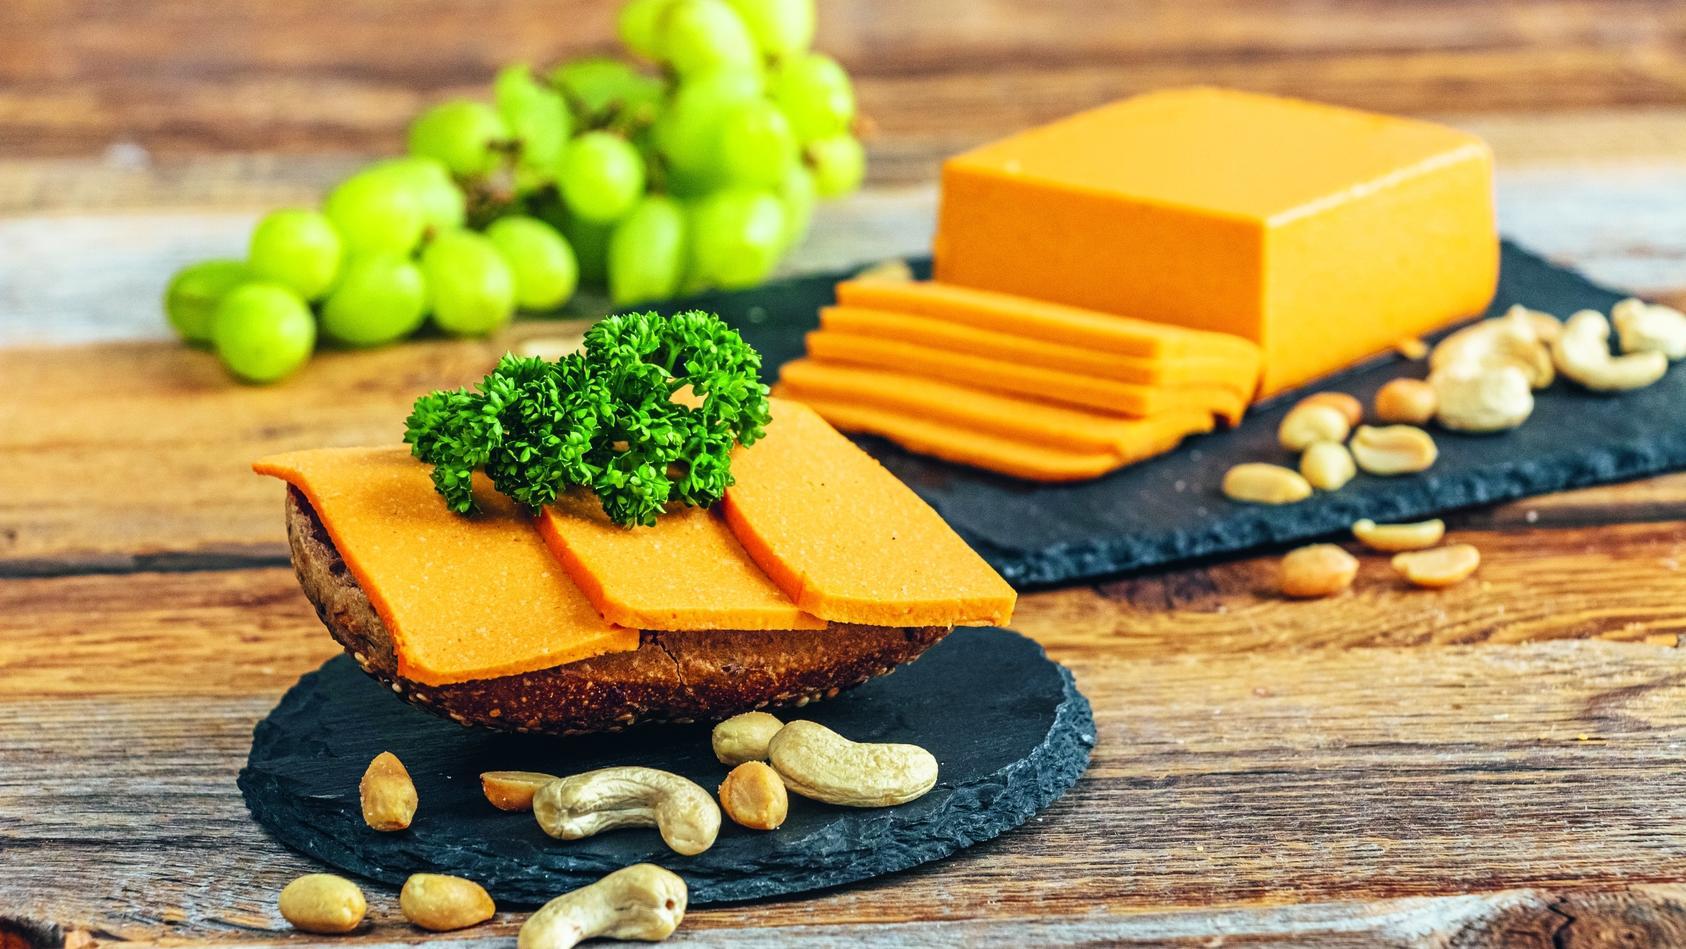 Für Käse benötigen Sie nicht zwangsläufig Milch: Aus Nüssen können Sie ganz einfach eine leckere, vegane Alternative herstellen.